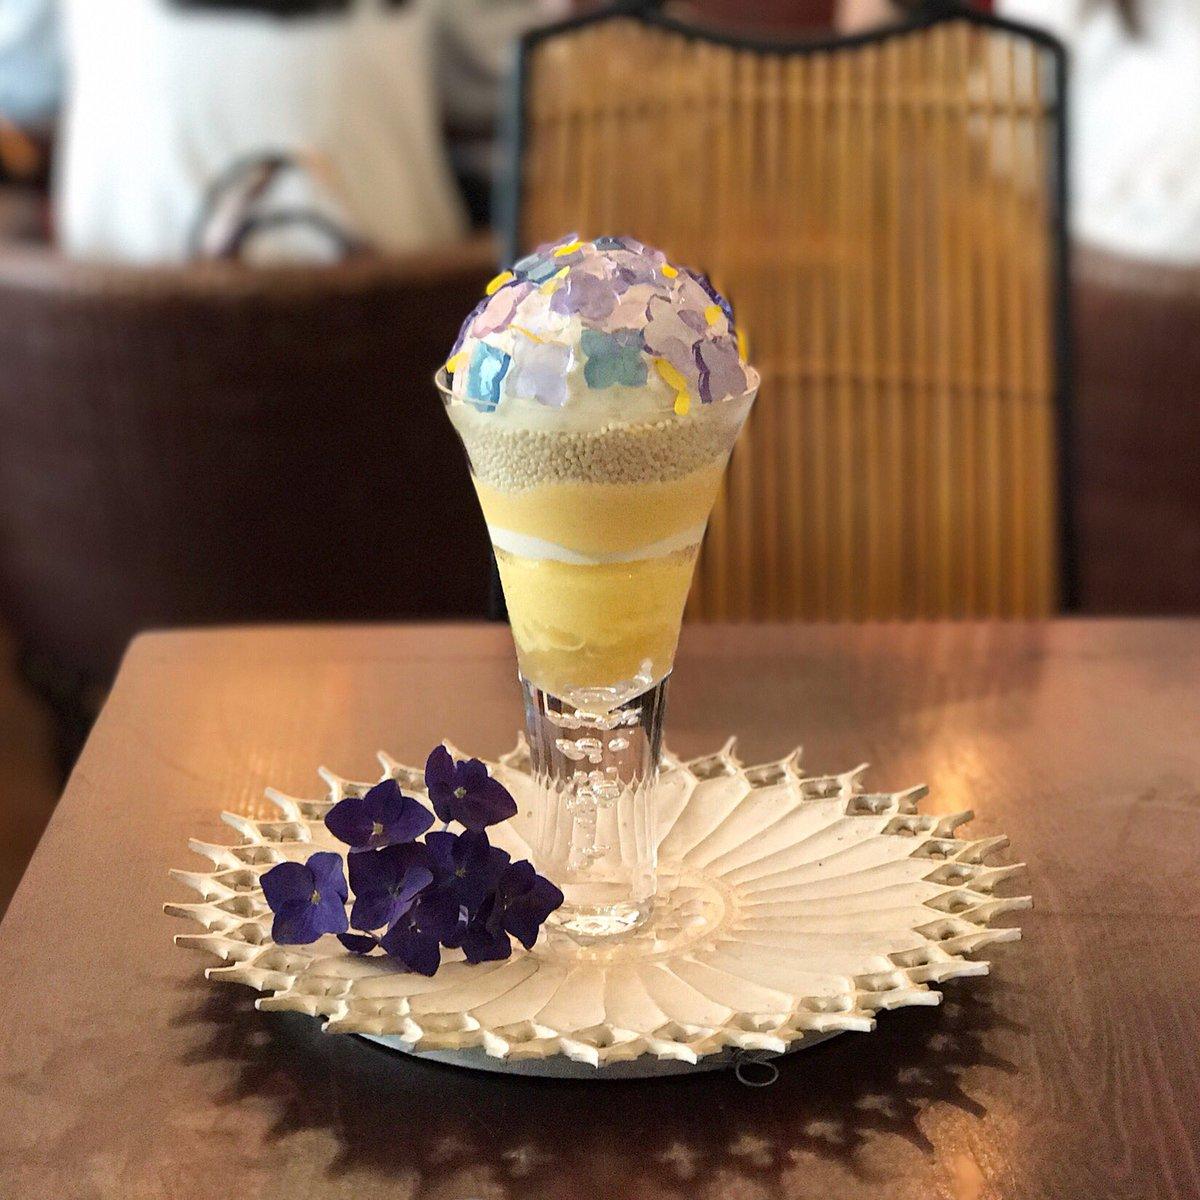 町田のカフェ中野屋で紫陽花パフェ。 これが通常メニューにあるなんて信じられない…